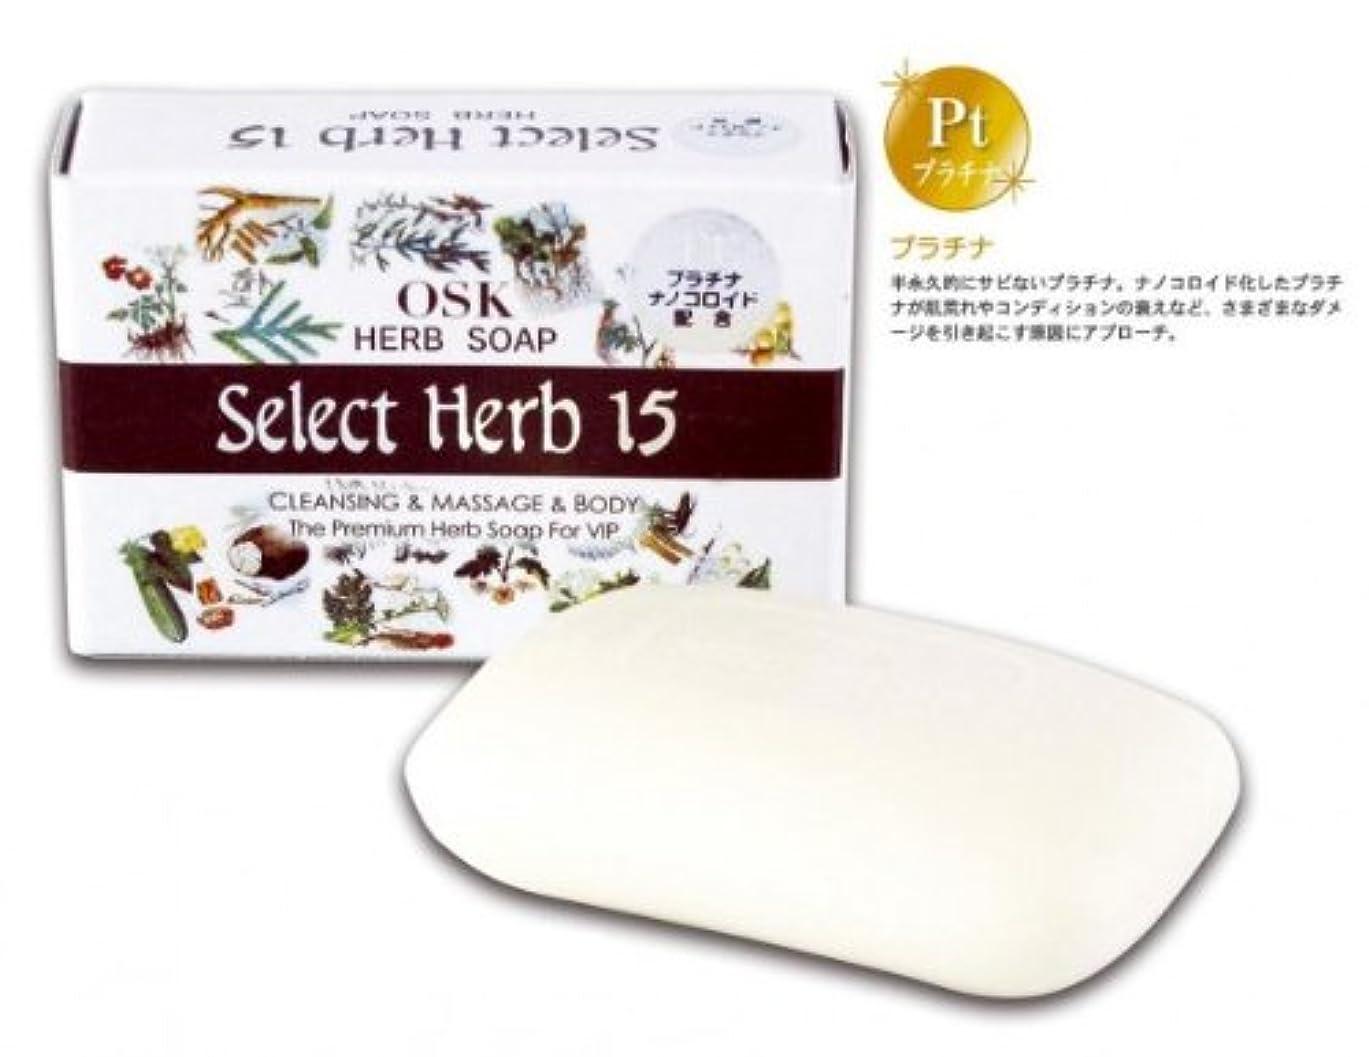 量で尊敬フォーマルNEW OSK SOAP SelectHerb15(ニューオーエスケーソープセレクトハーブ15)135g